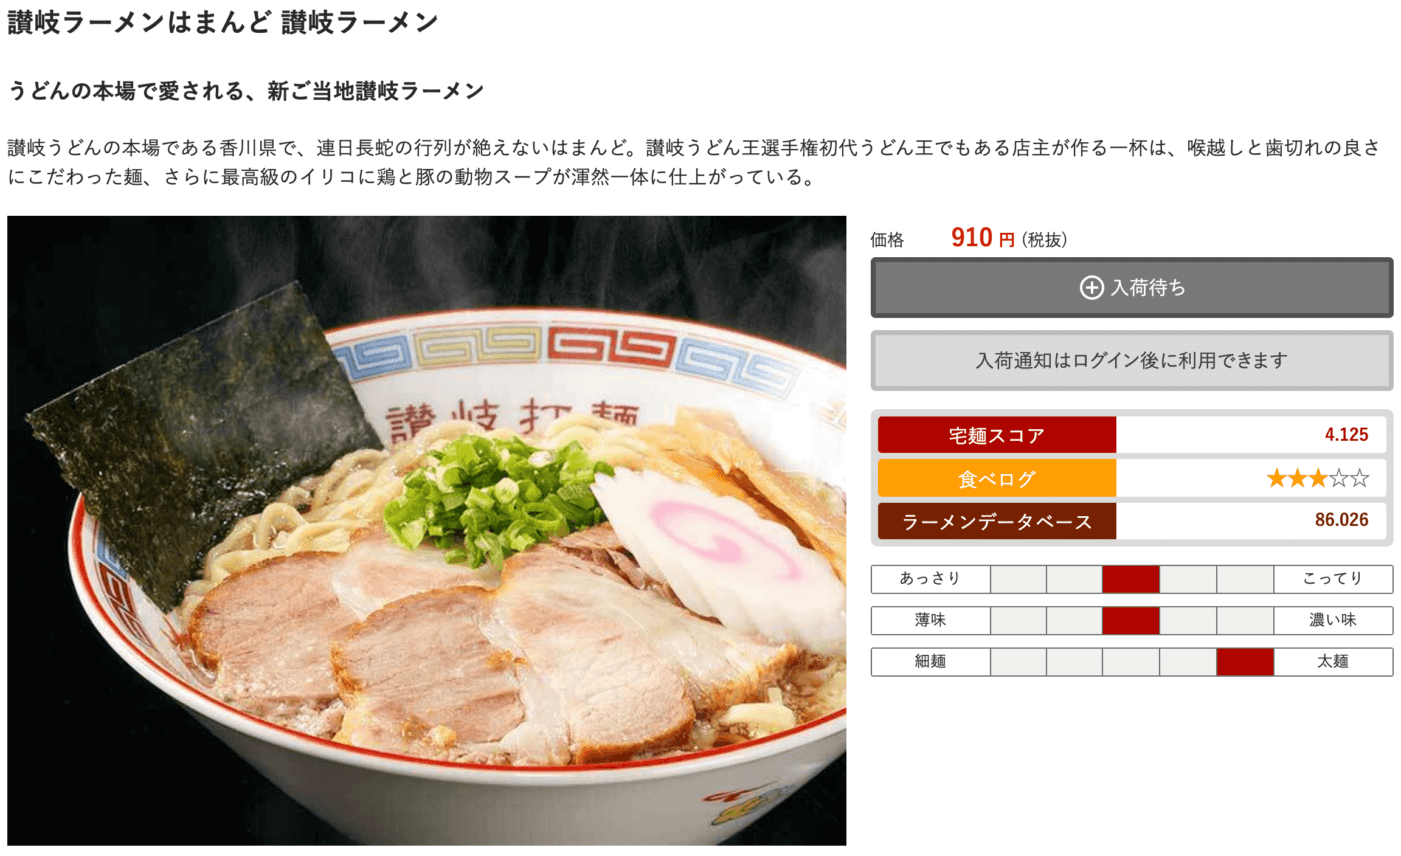 宅麺 はまんどページのスクショ